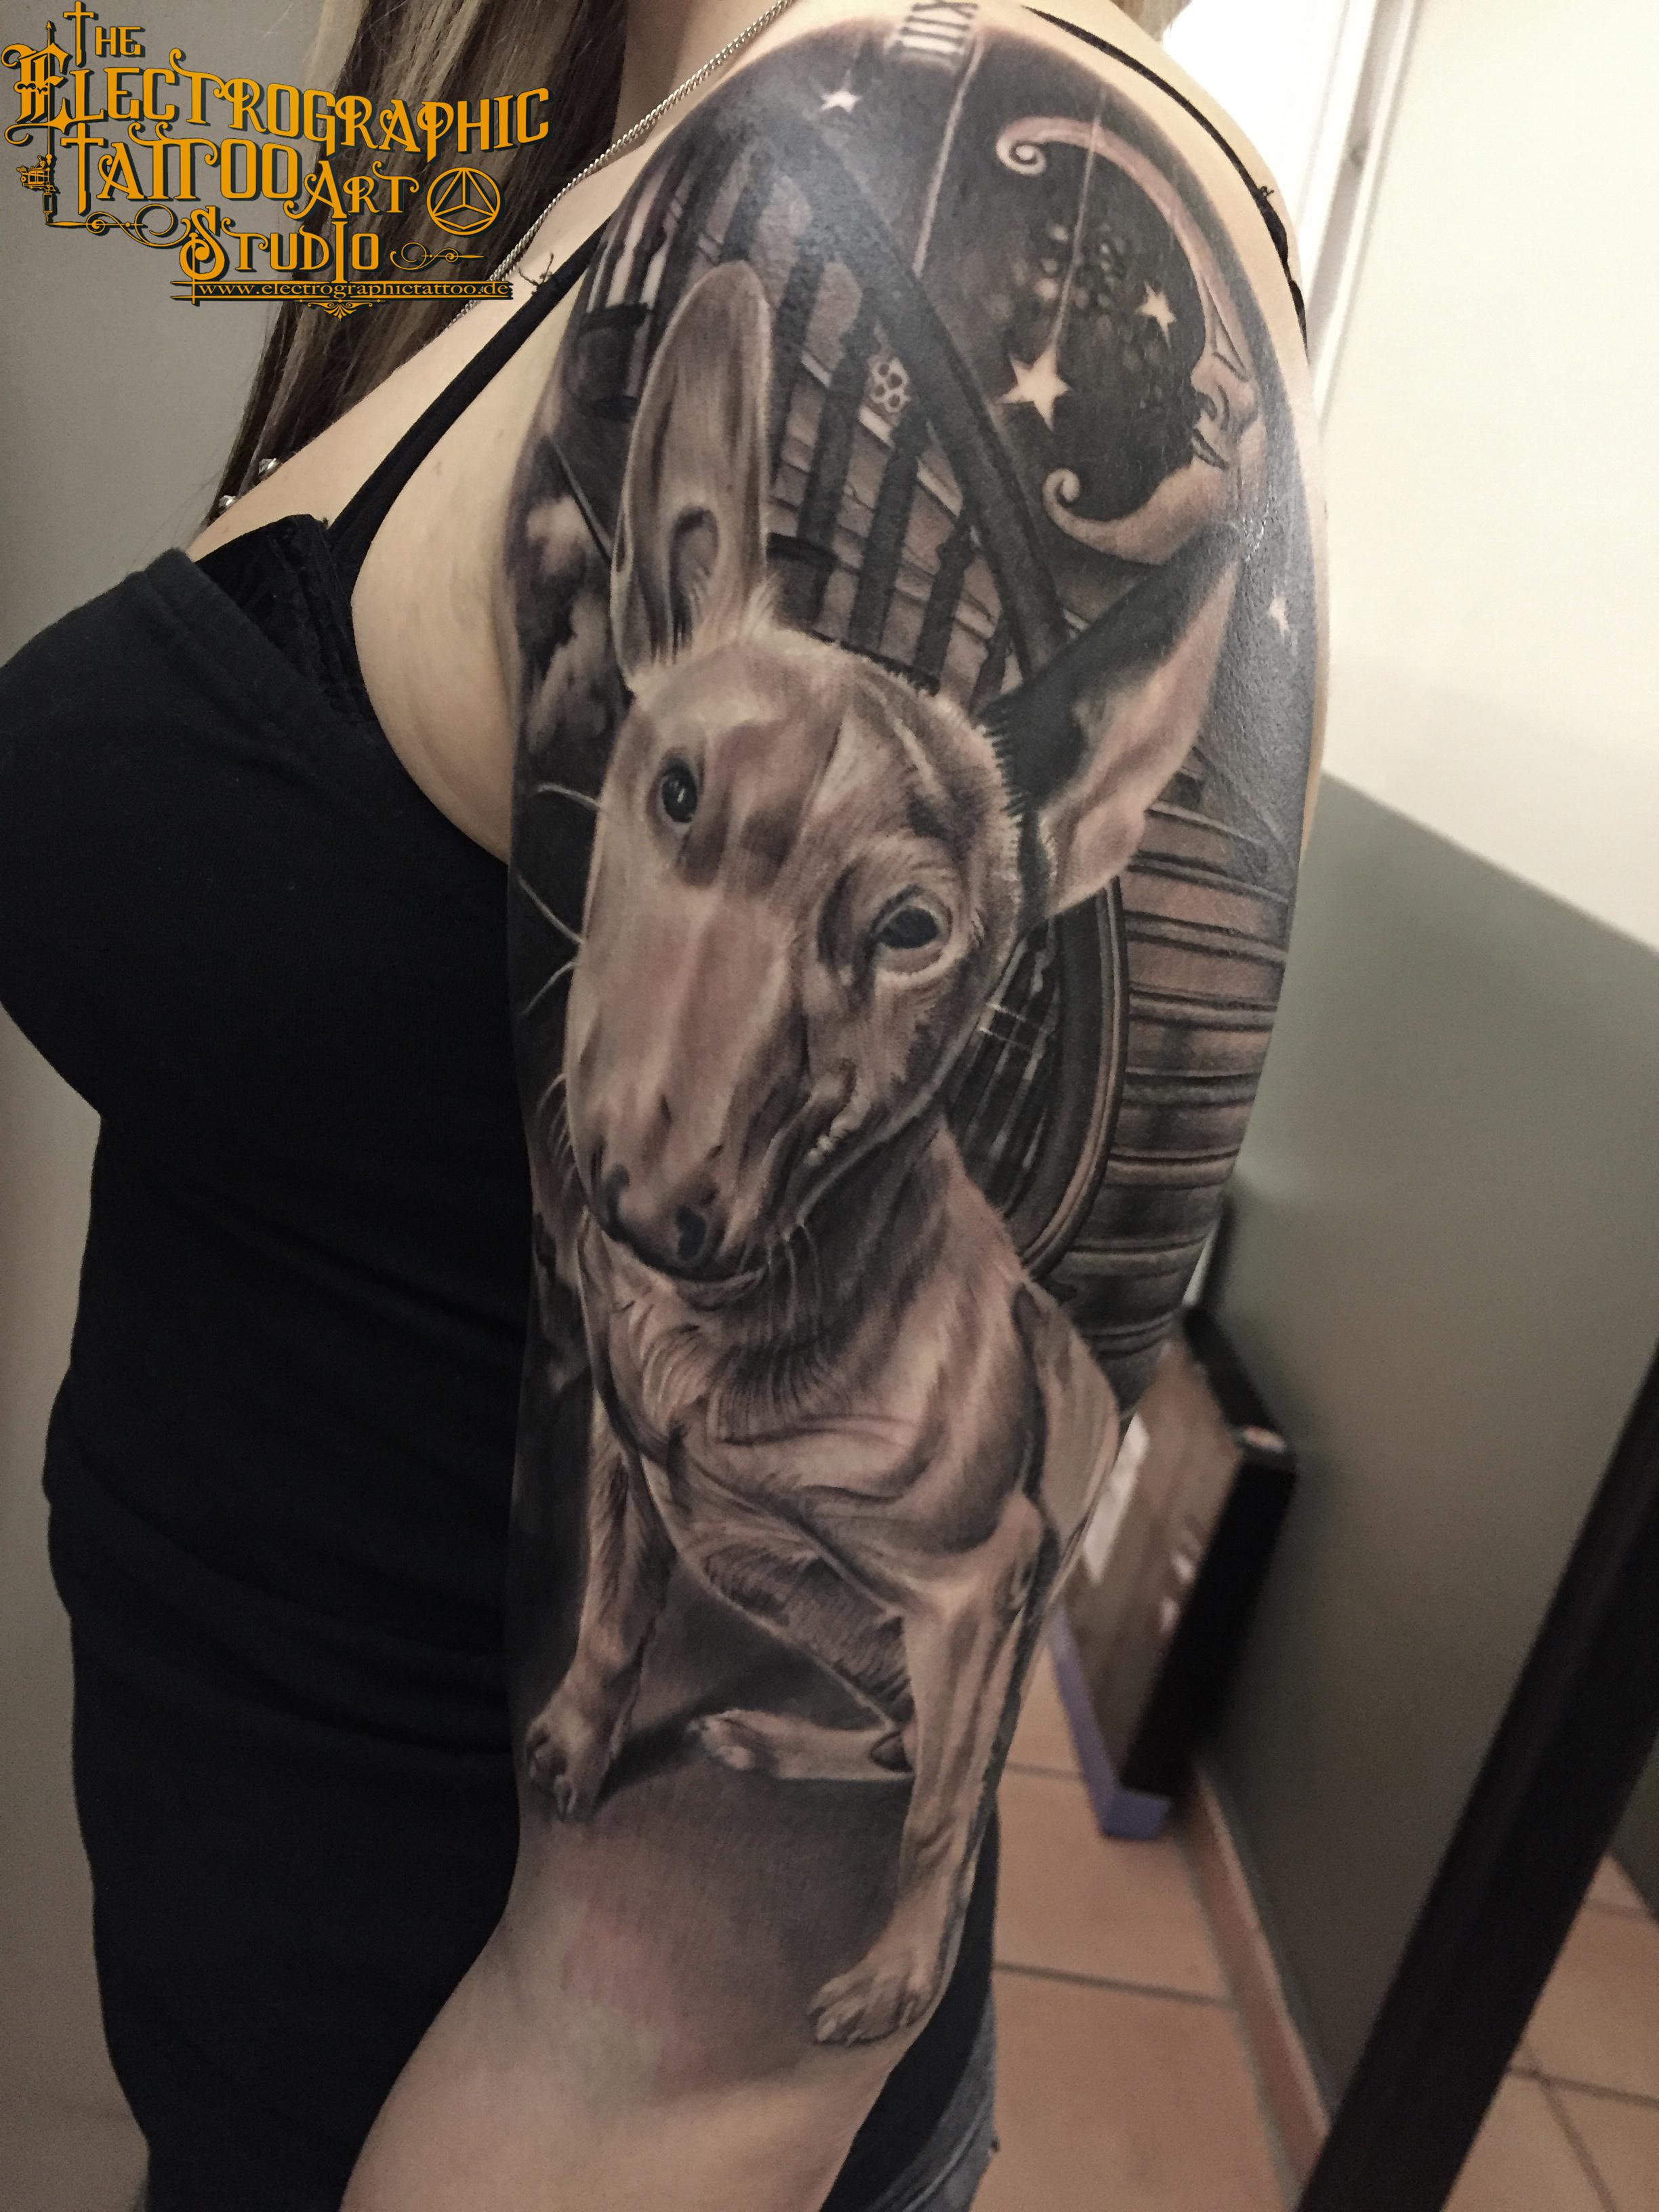 tatt, by electrographic tattoo, rosenheim, bayern, germany, hungary, turanium tattoo machines, mini bull terrier, dream